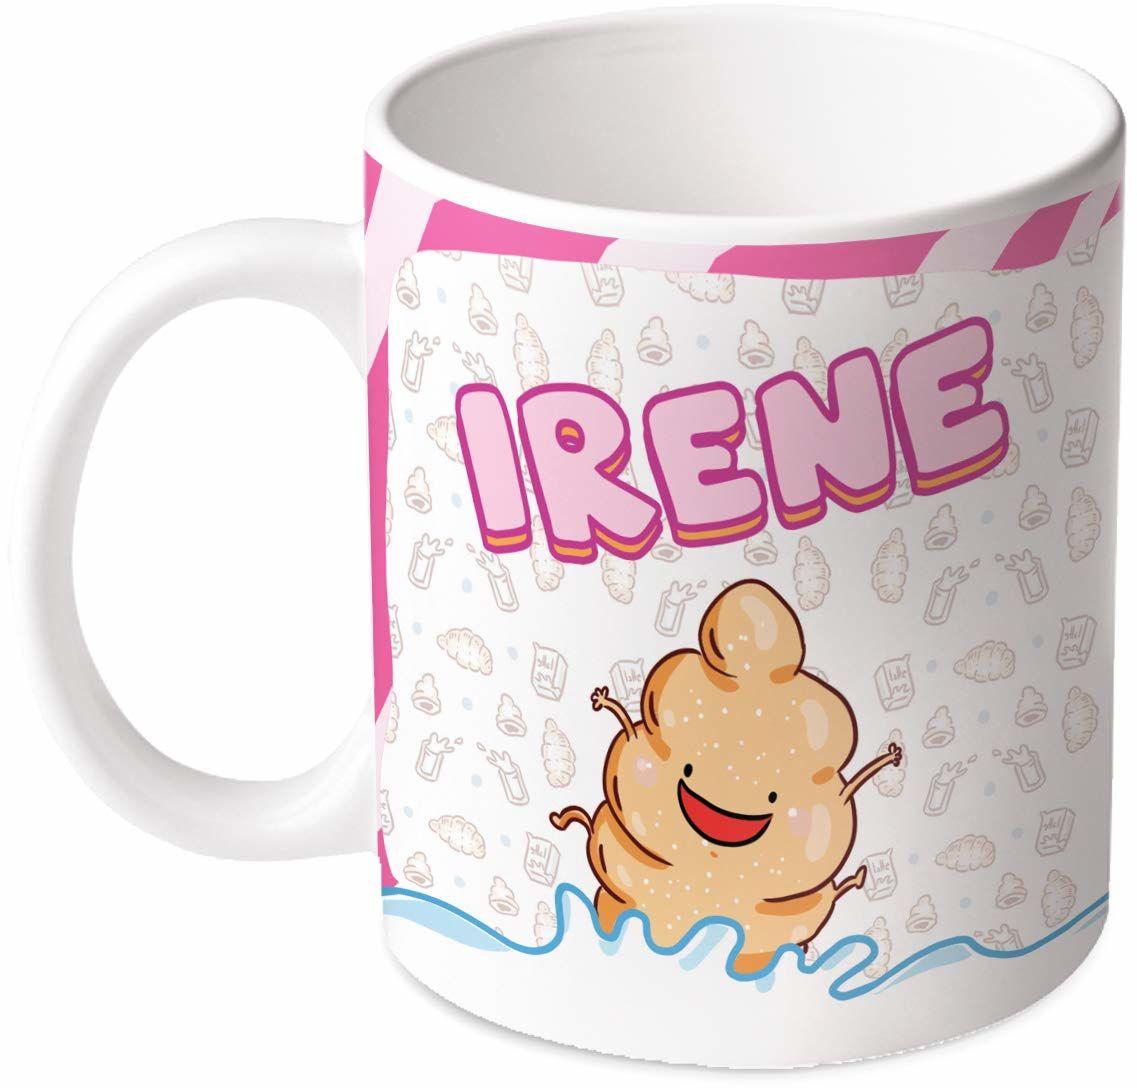 M.M. Group Filiżanka z imieniem i znaczeniem Irene, 11 uncji, ceramika, wielokolorowa